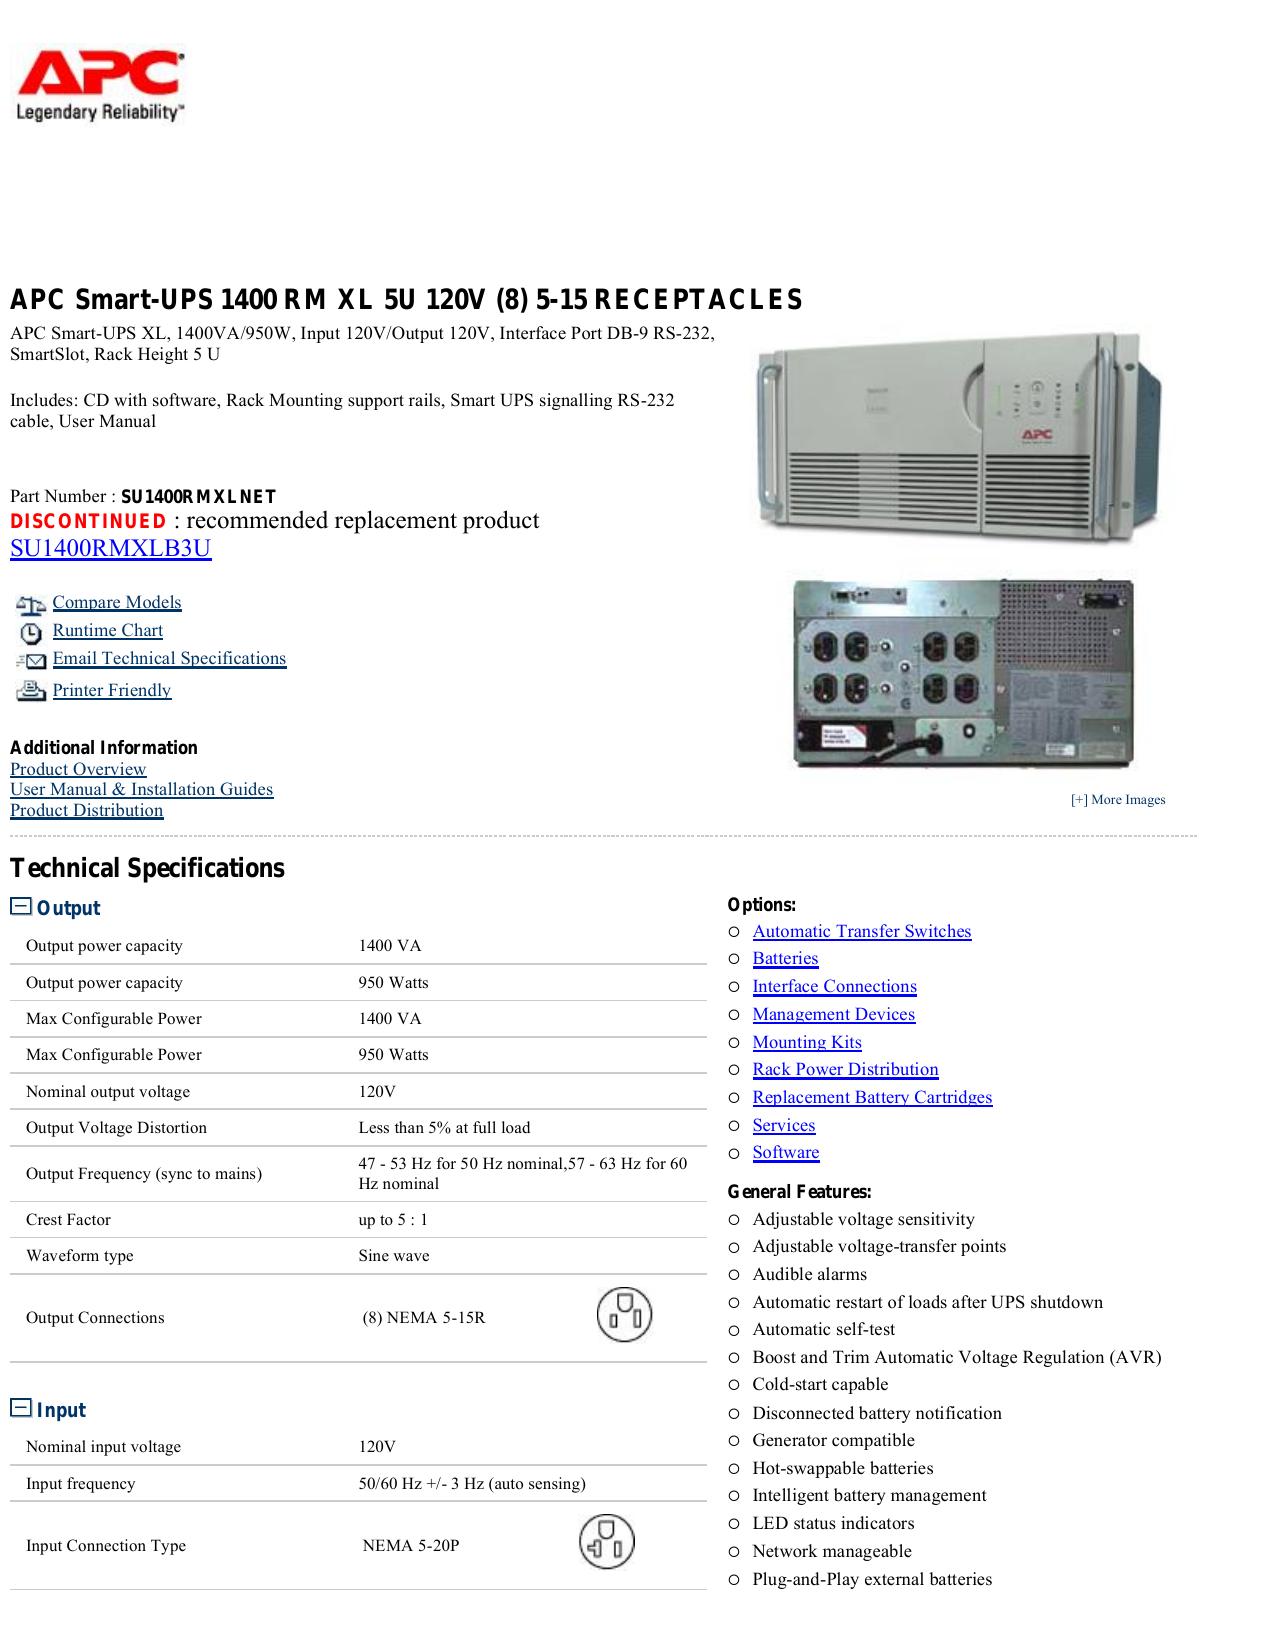 APC Smart-UPS 1400 RM XL 5U 120V (8) 5-15 | manualzz com